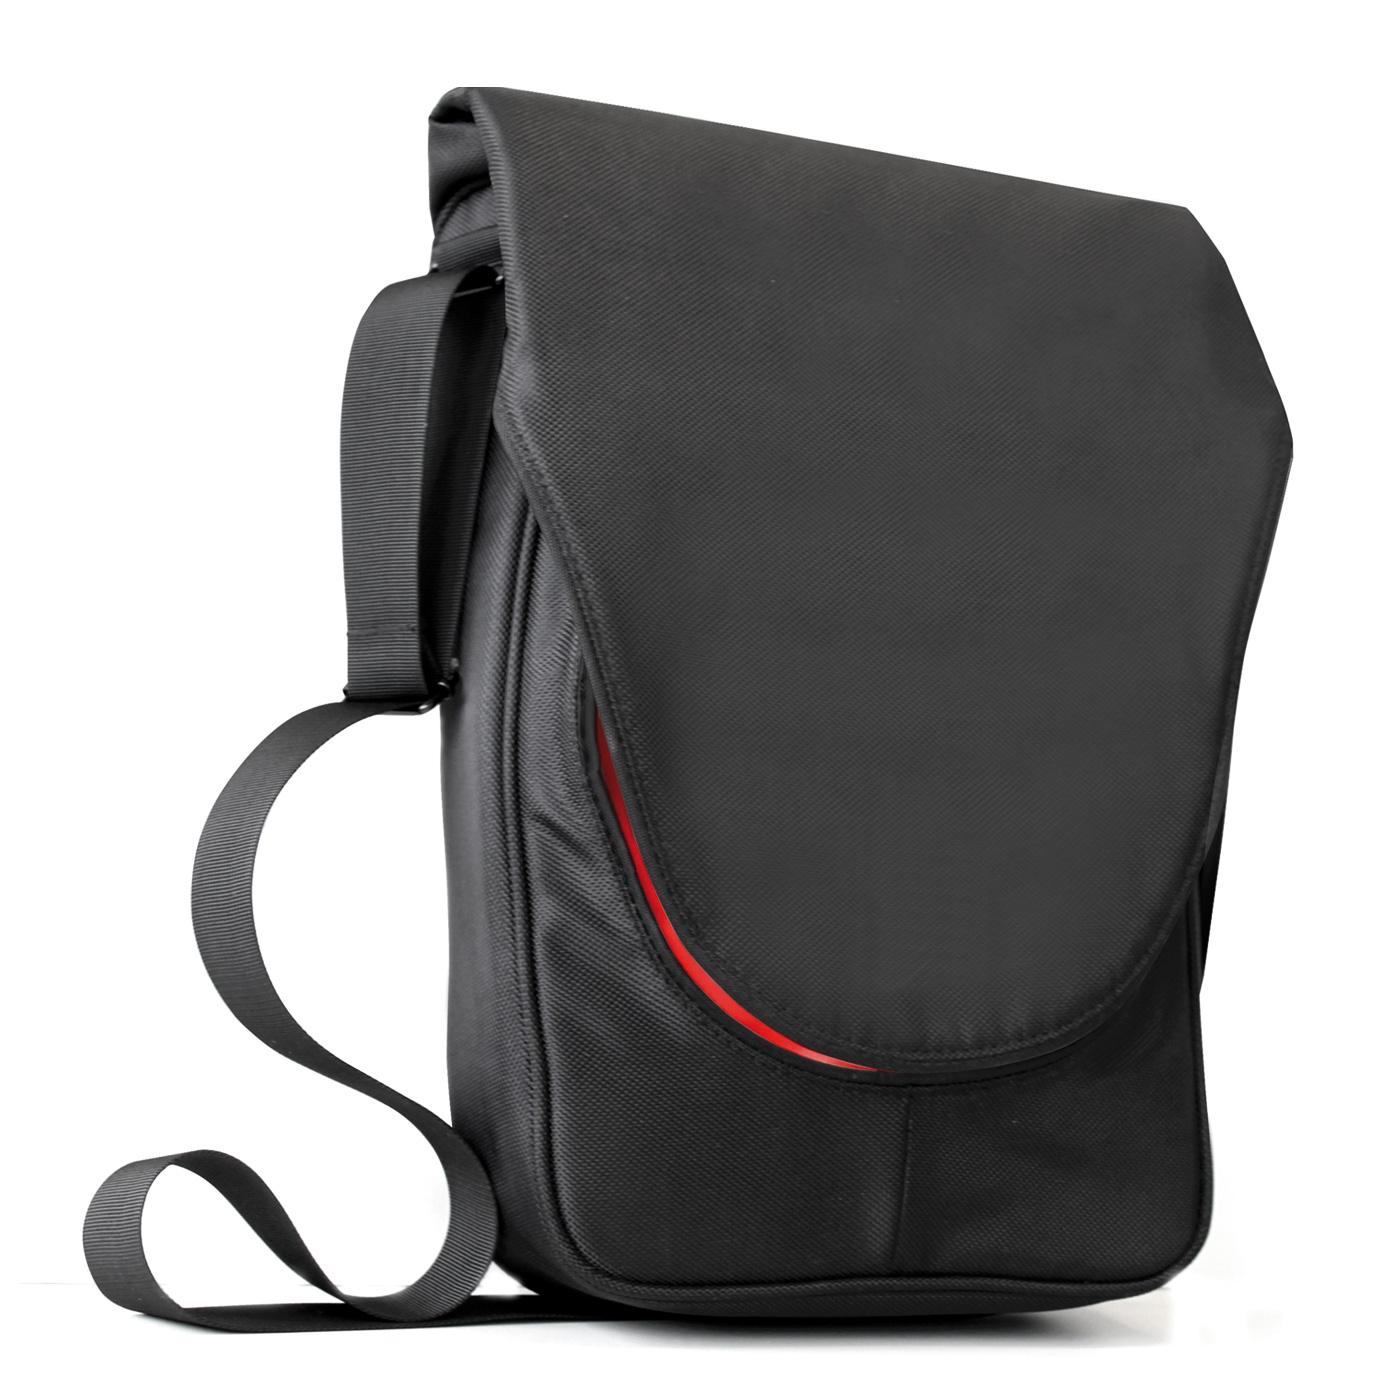 Bolso  /  Bandolera Phoenix Amsterdam Para Portátil  /  Tablet Hasta 14 Pulgadas Y Ultrabook Hasta 1